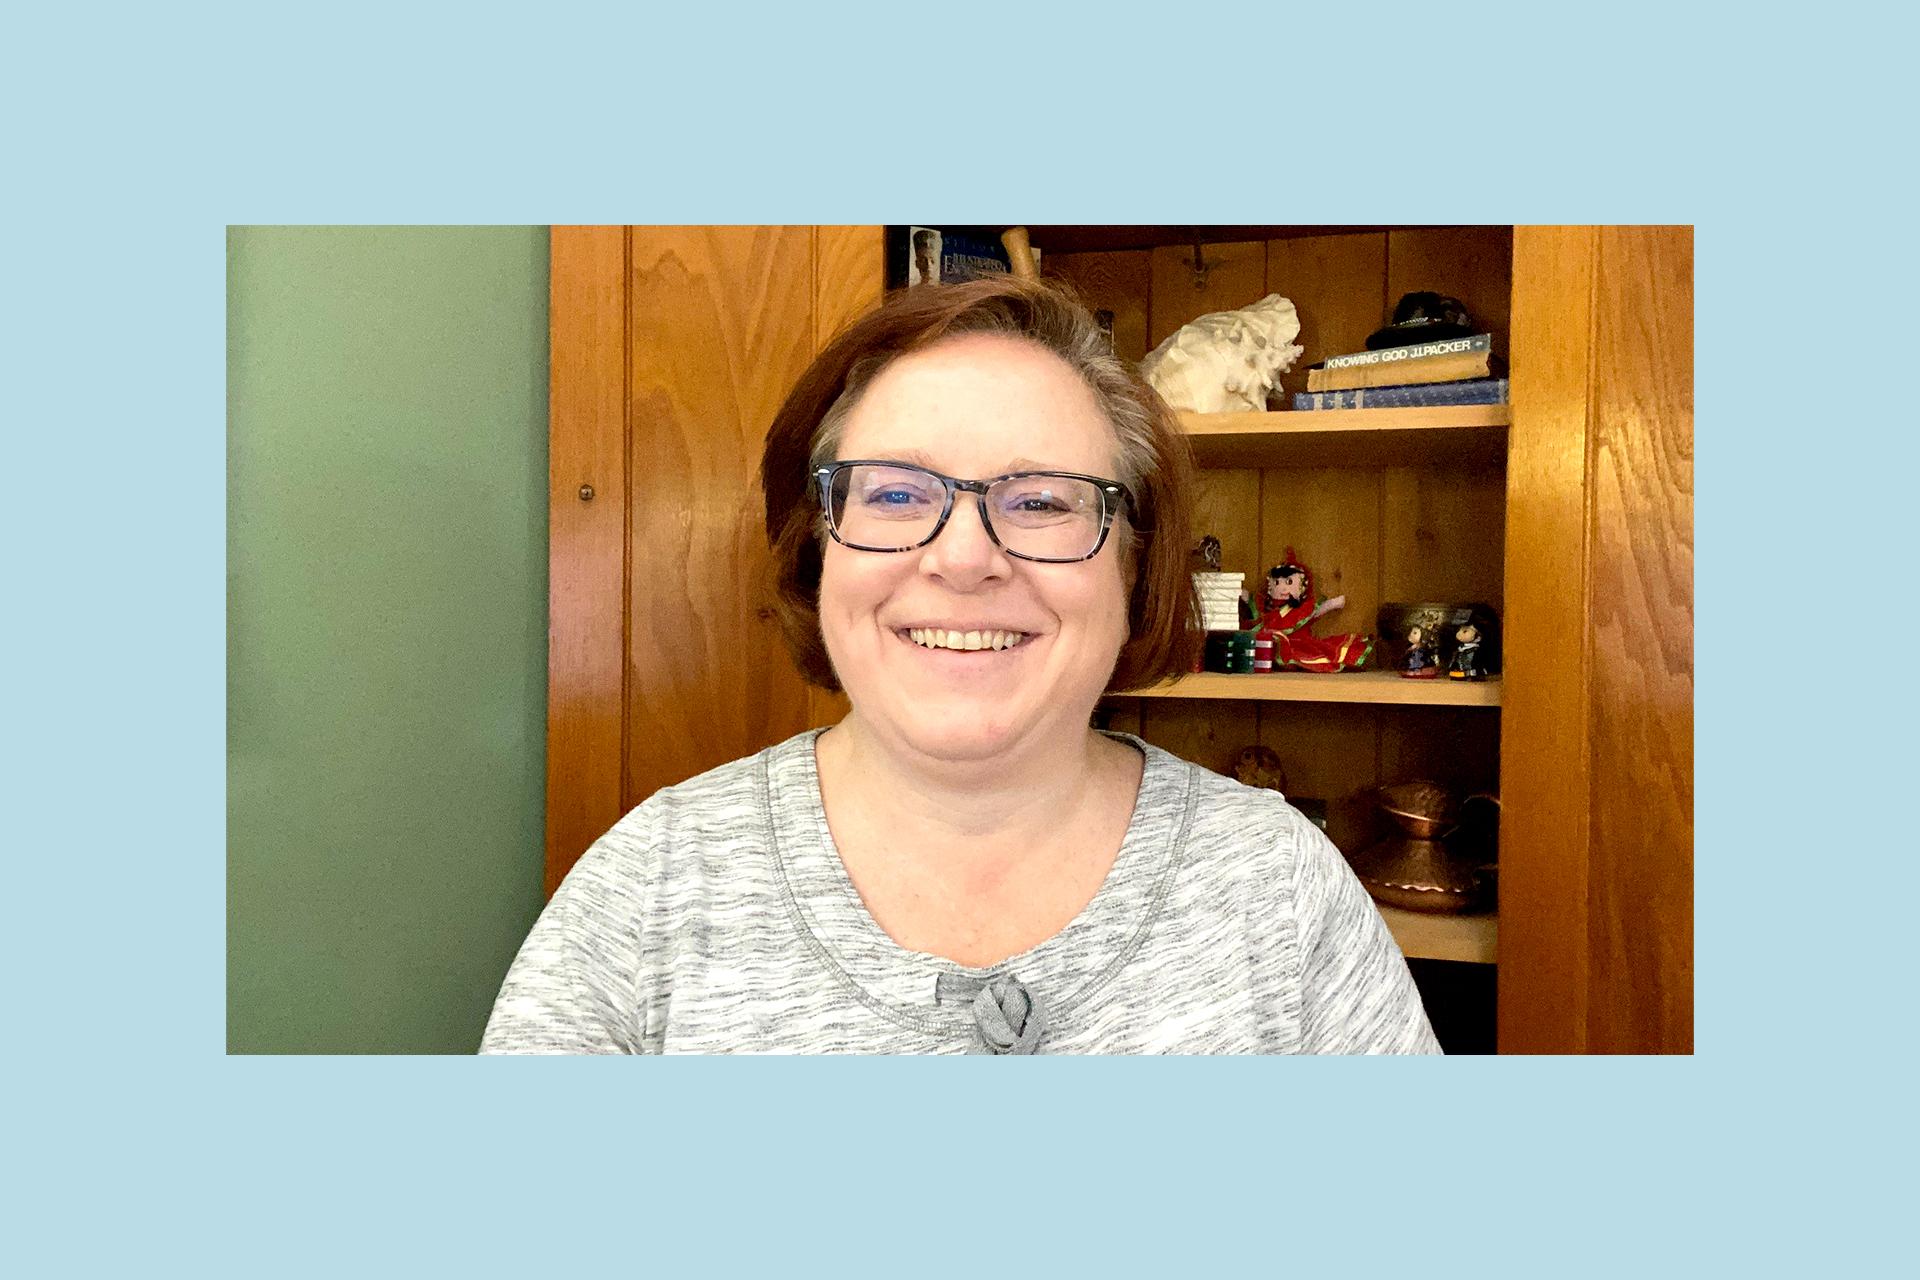 Ruth profile photo